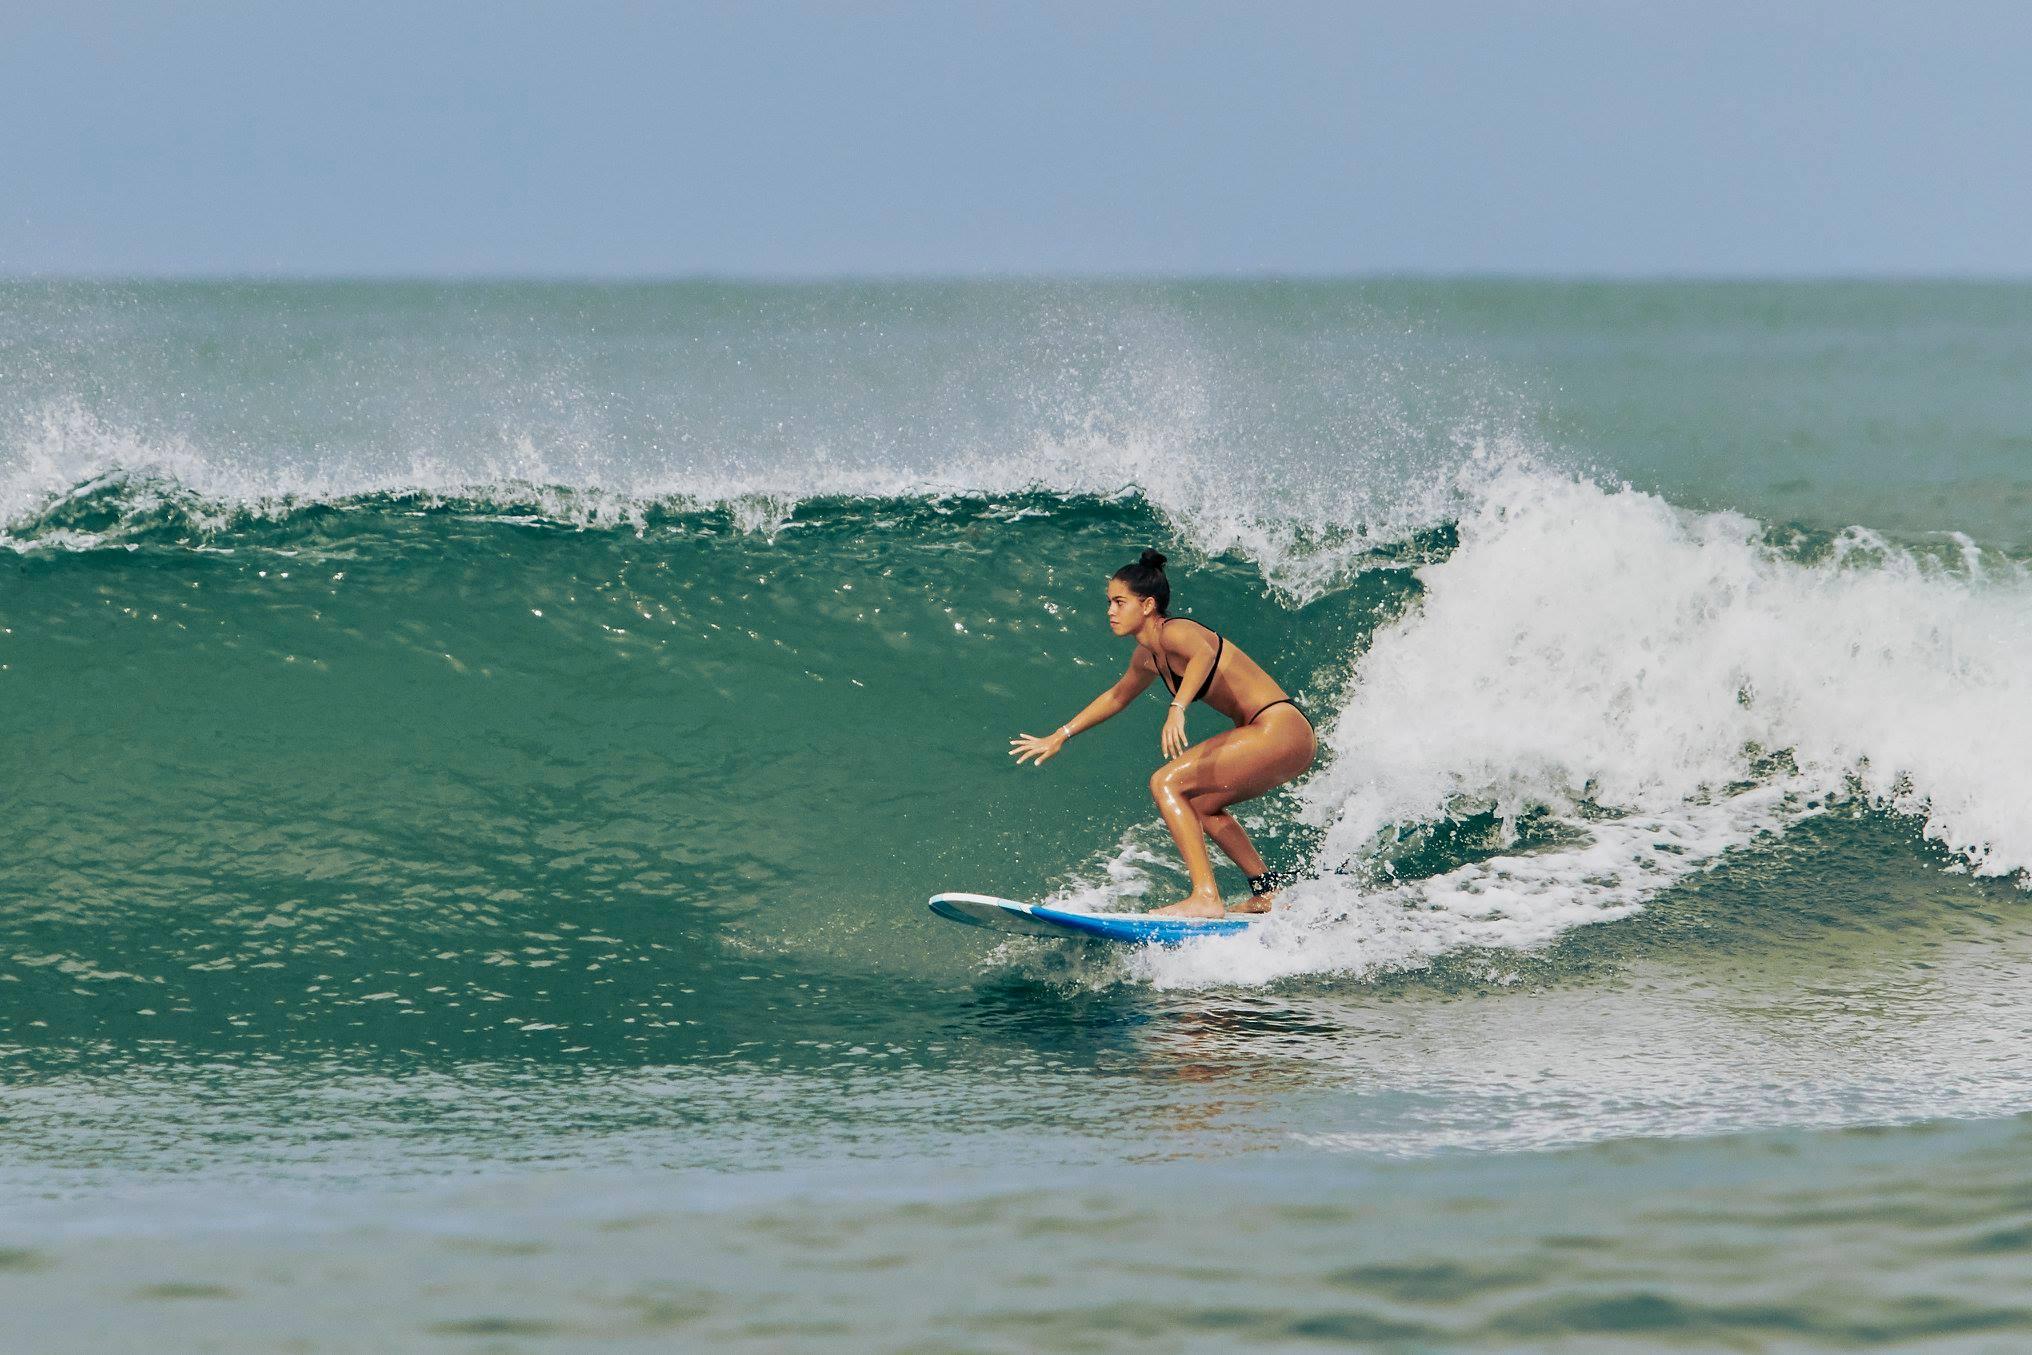 Coco cadena Surfer surf